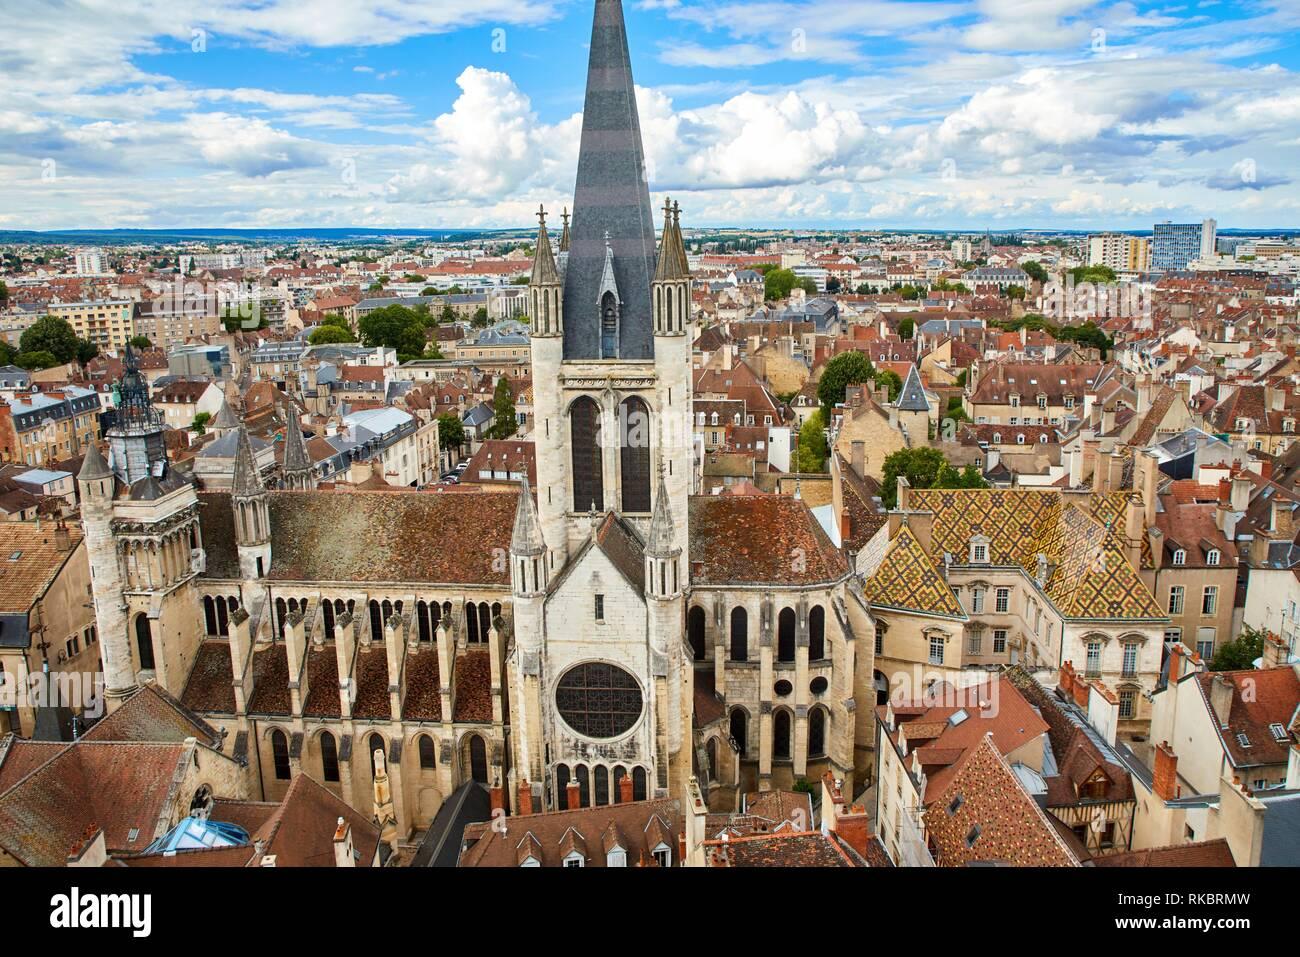 L'église Notre Dame, l'hôtel de Vogue, Dijon, Côte d'Or, Bourgogne, Bourgogne, France, Europe Photo Stock